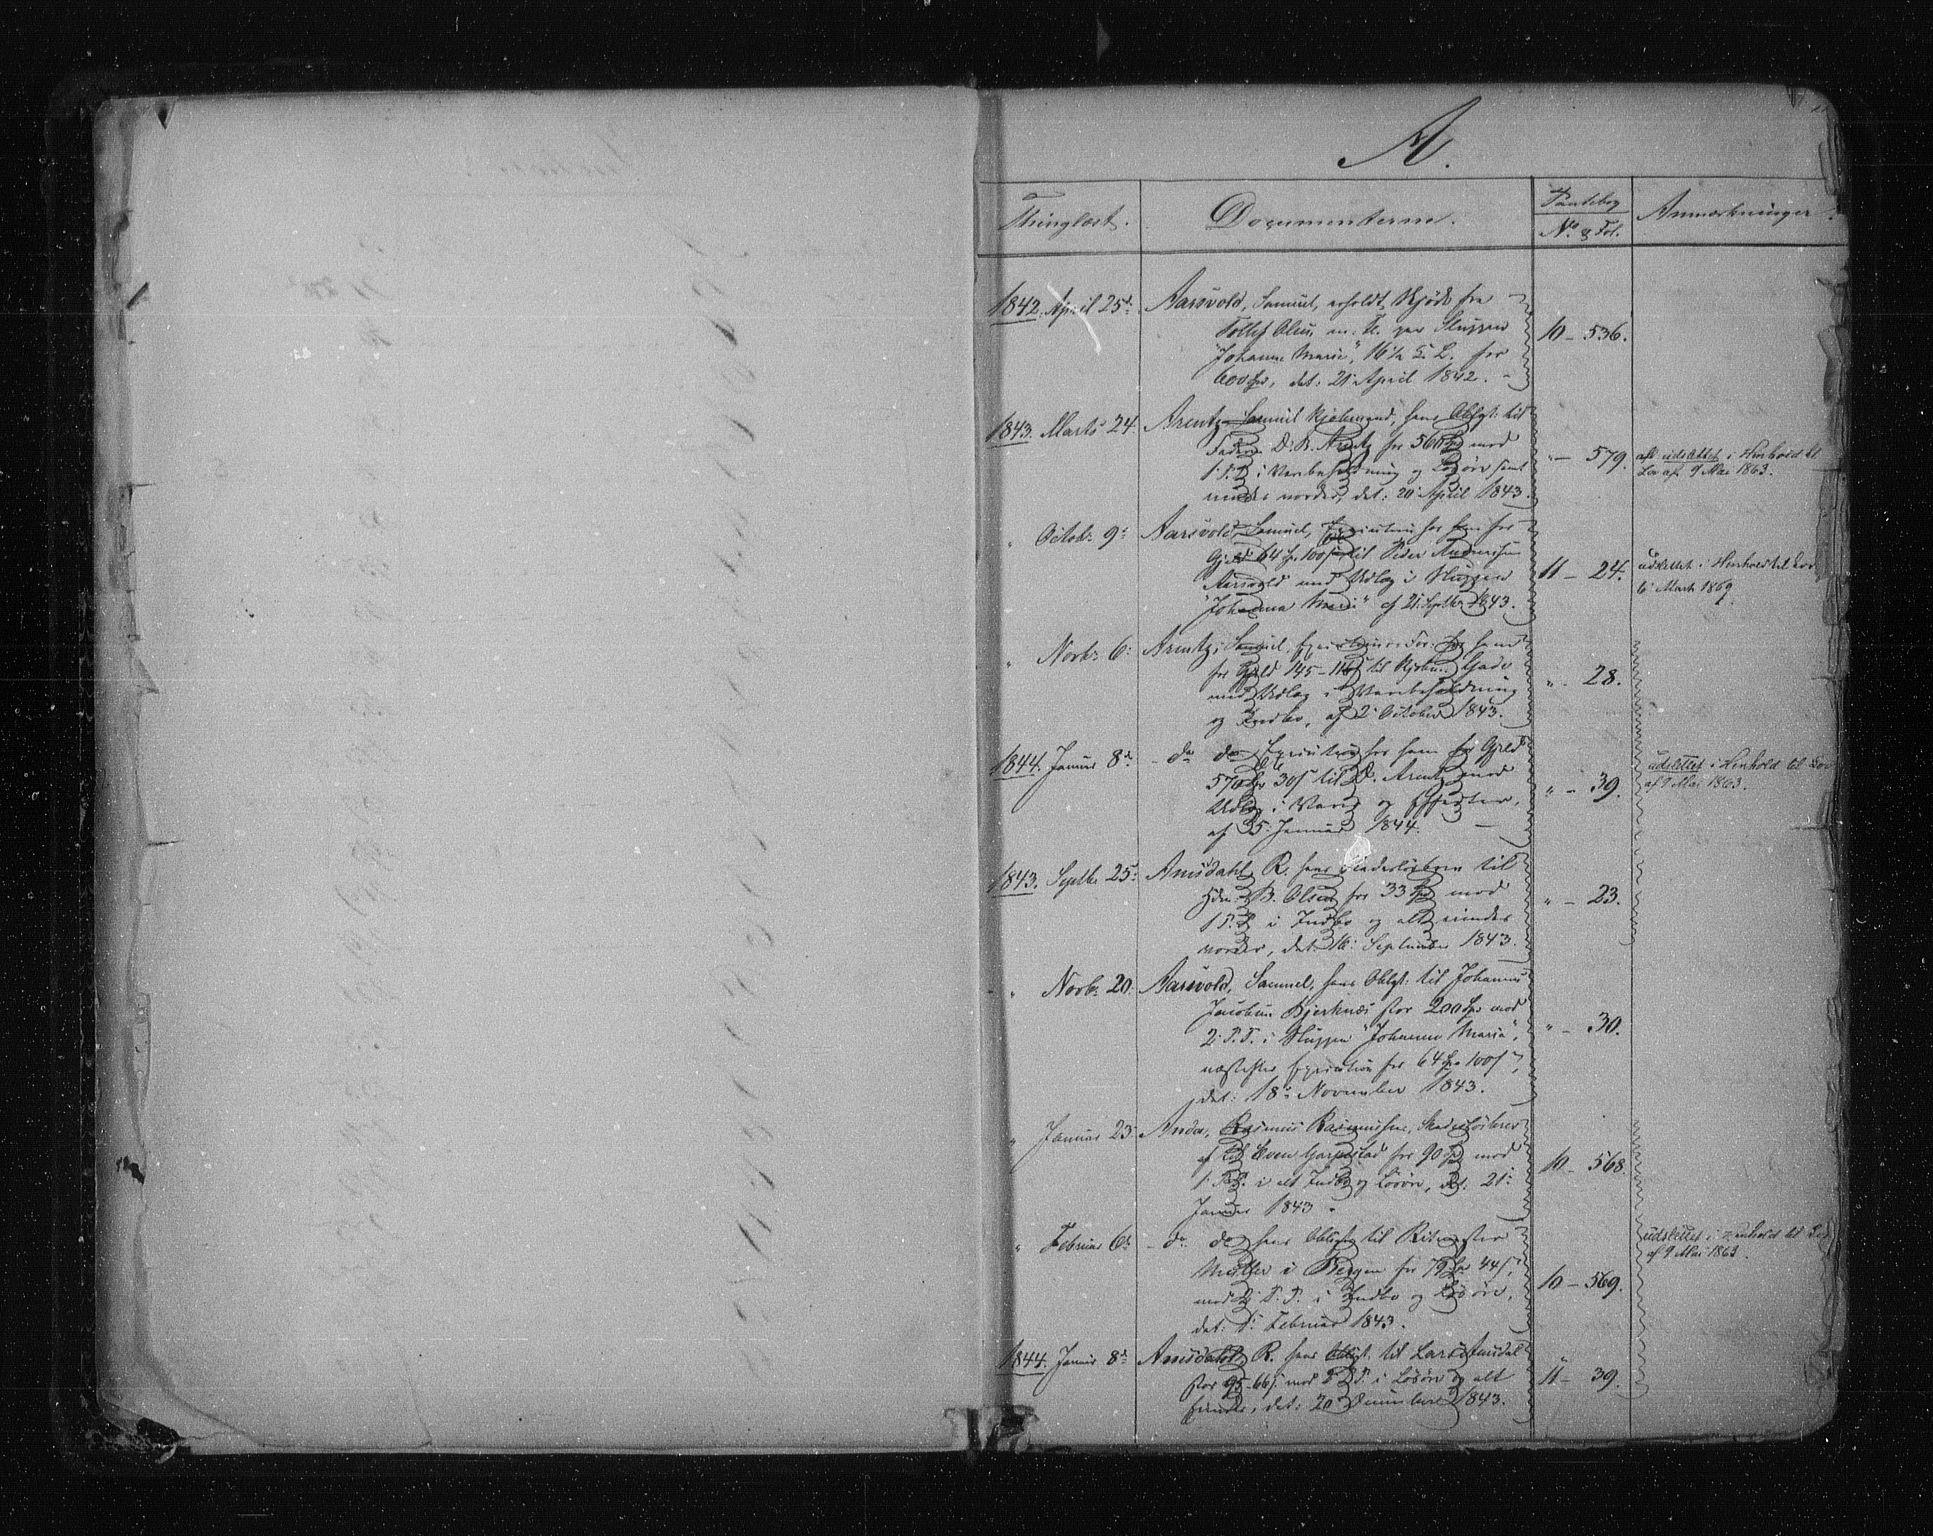 SAST, Stavanger byfogd, 4/41/410/410AA/L0001: Panteregister nr. AA 1, 1855, s. 3